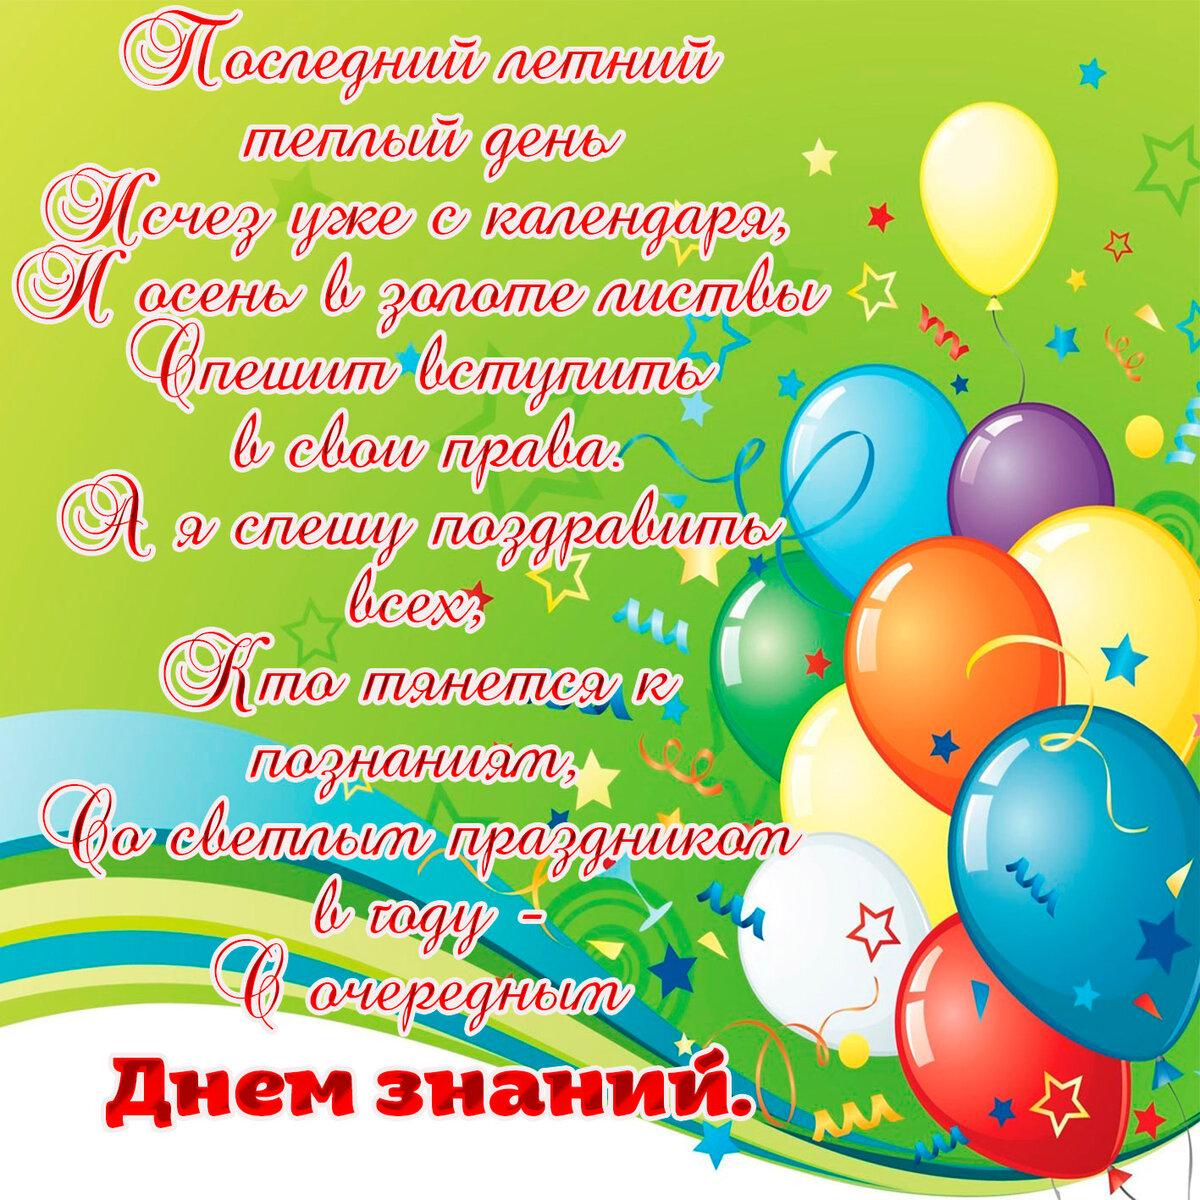 Православное поздравление с днем знаний